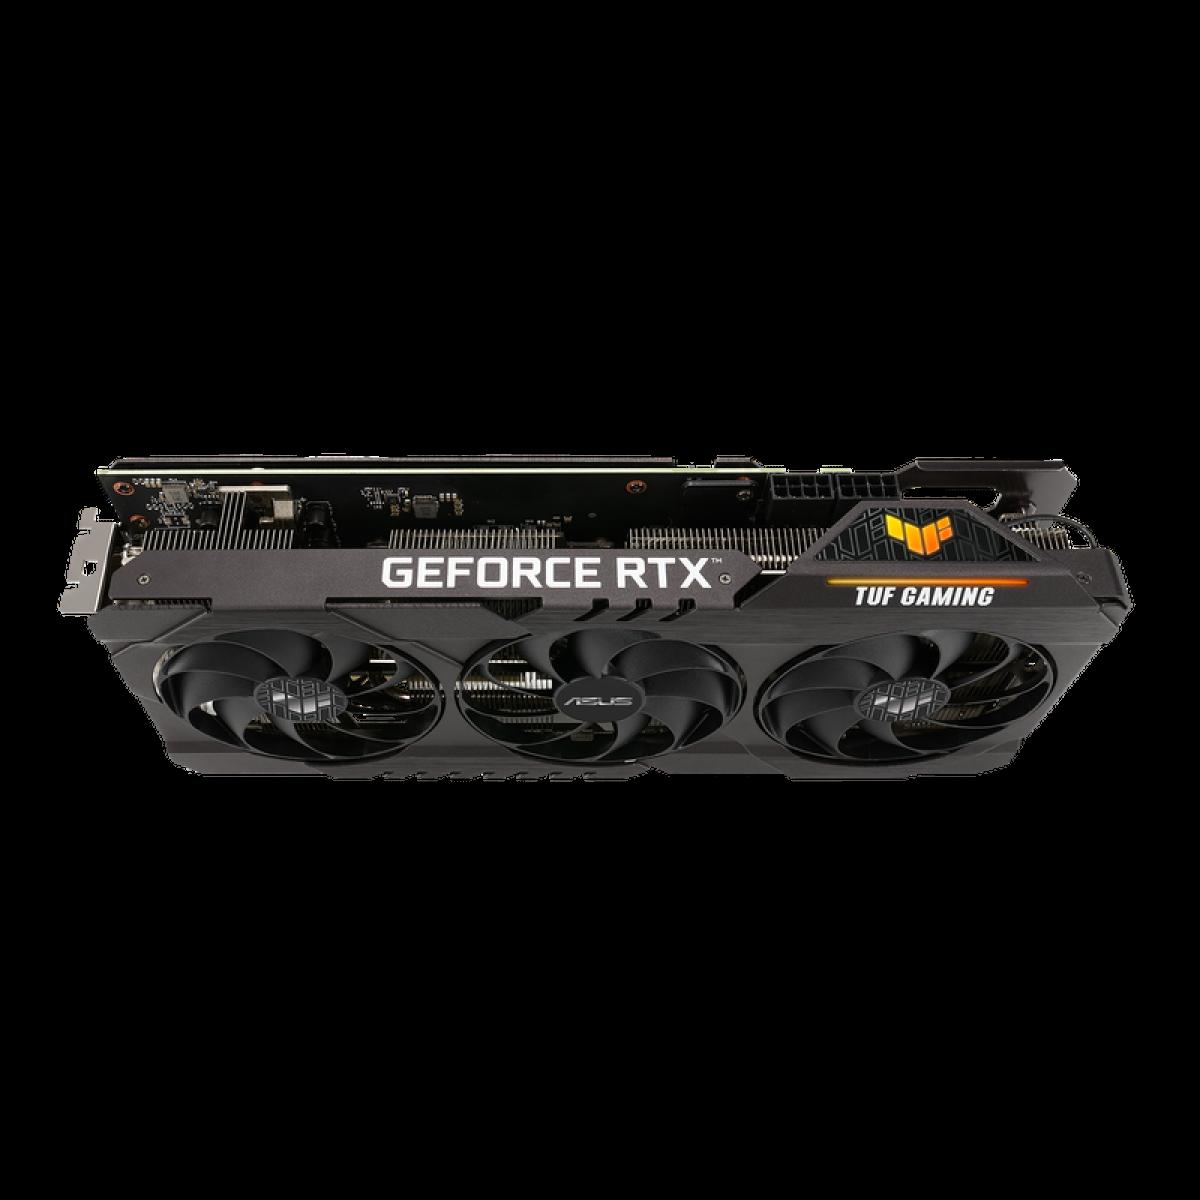 Placa de Vídeo Asus, TUF Gaming, Geforce RTX 3070 OC, 8GB, GDDR6, 256bit, TUF-RTX3070-O8G-GAMING